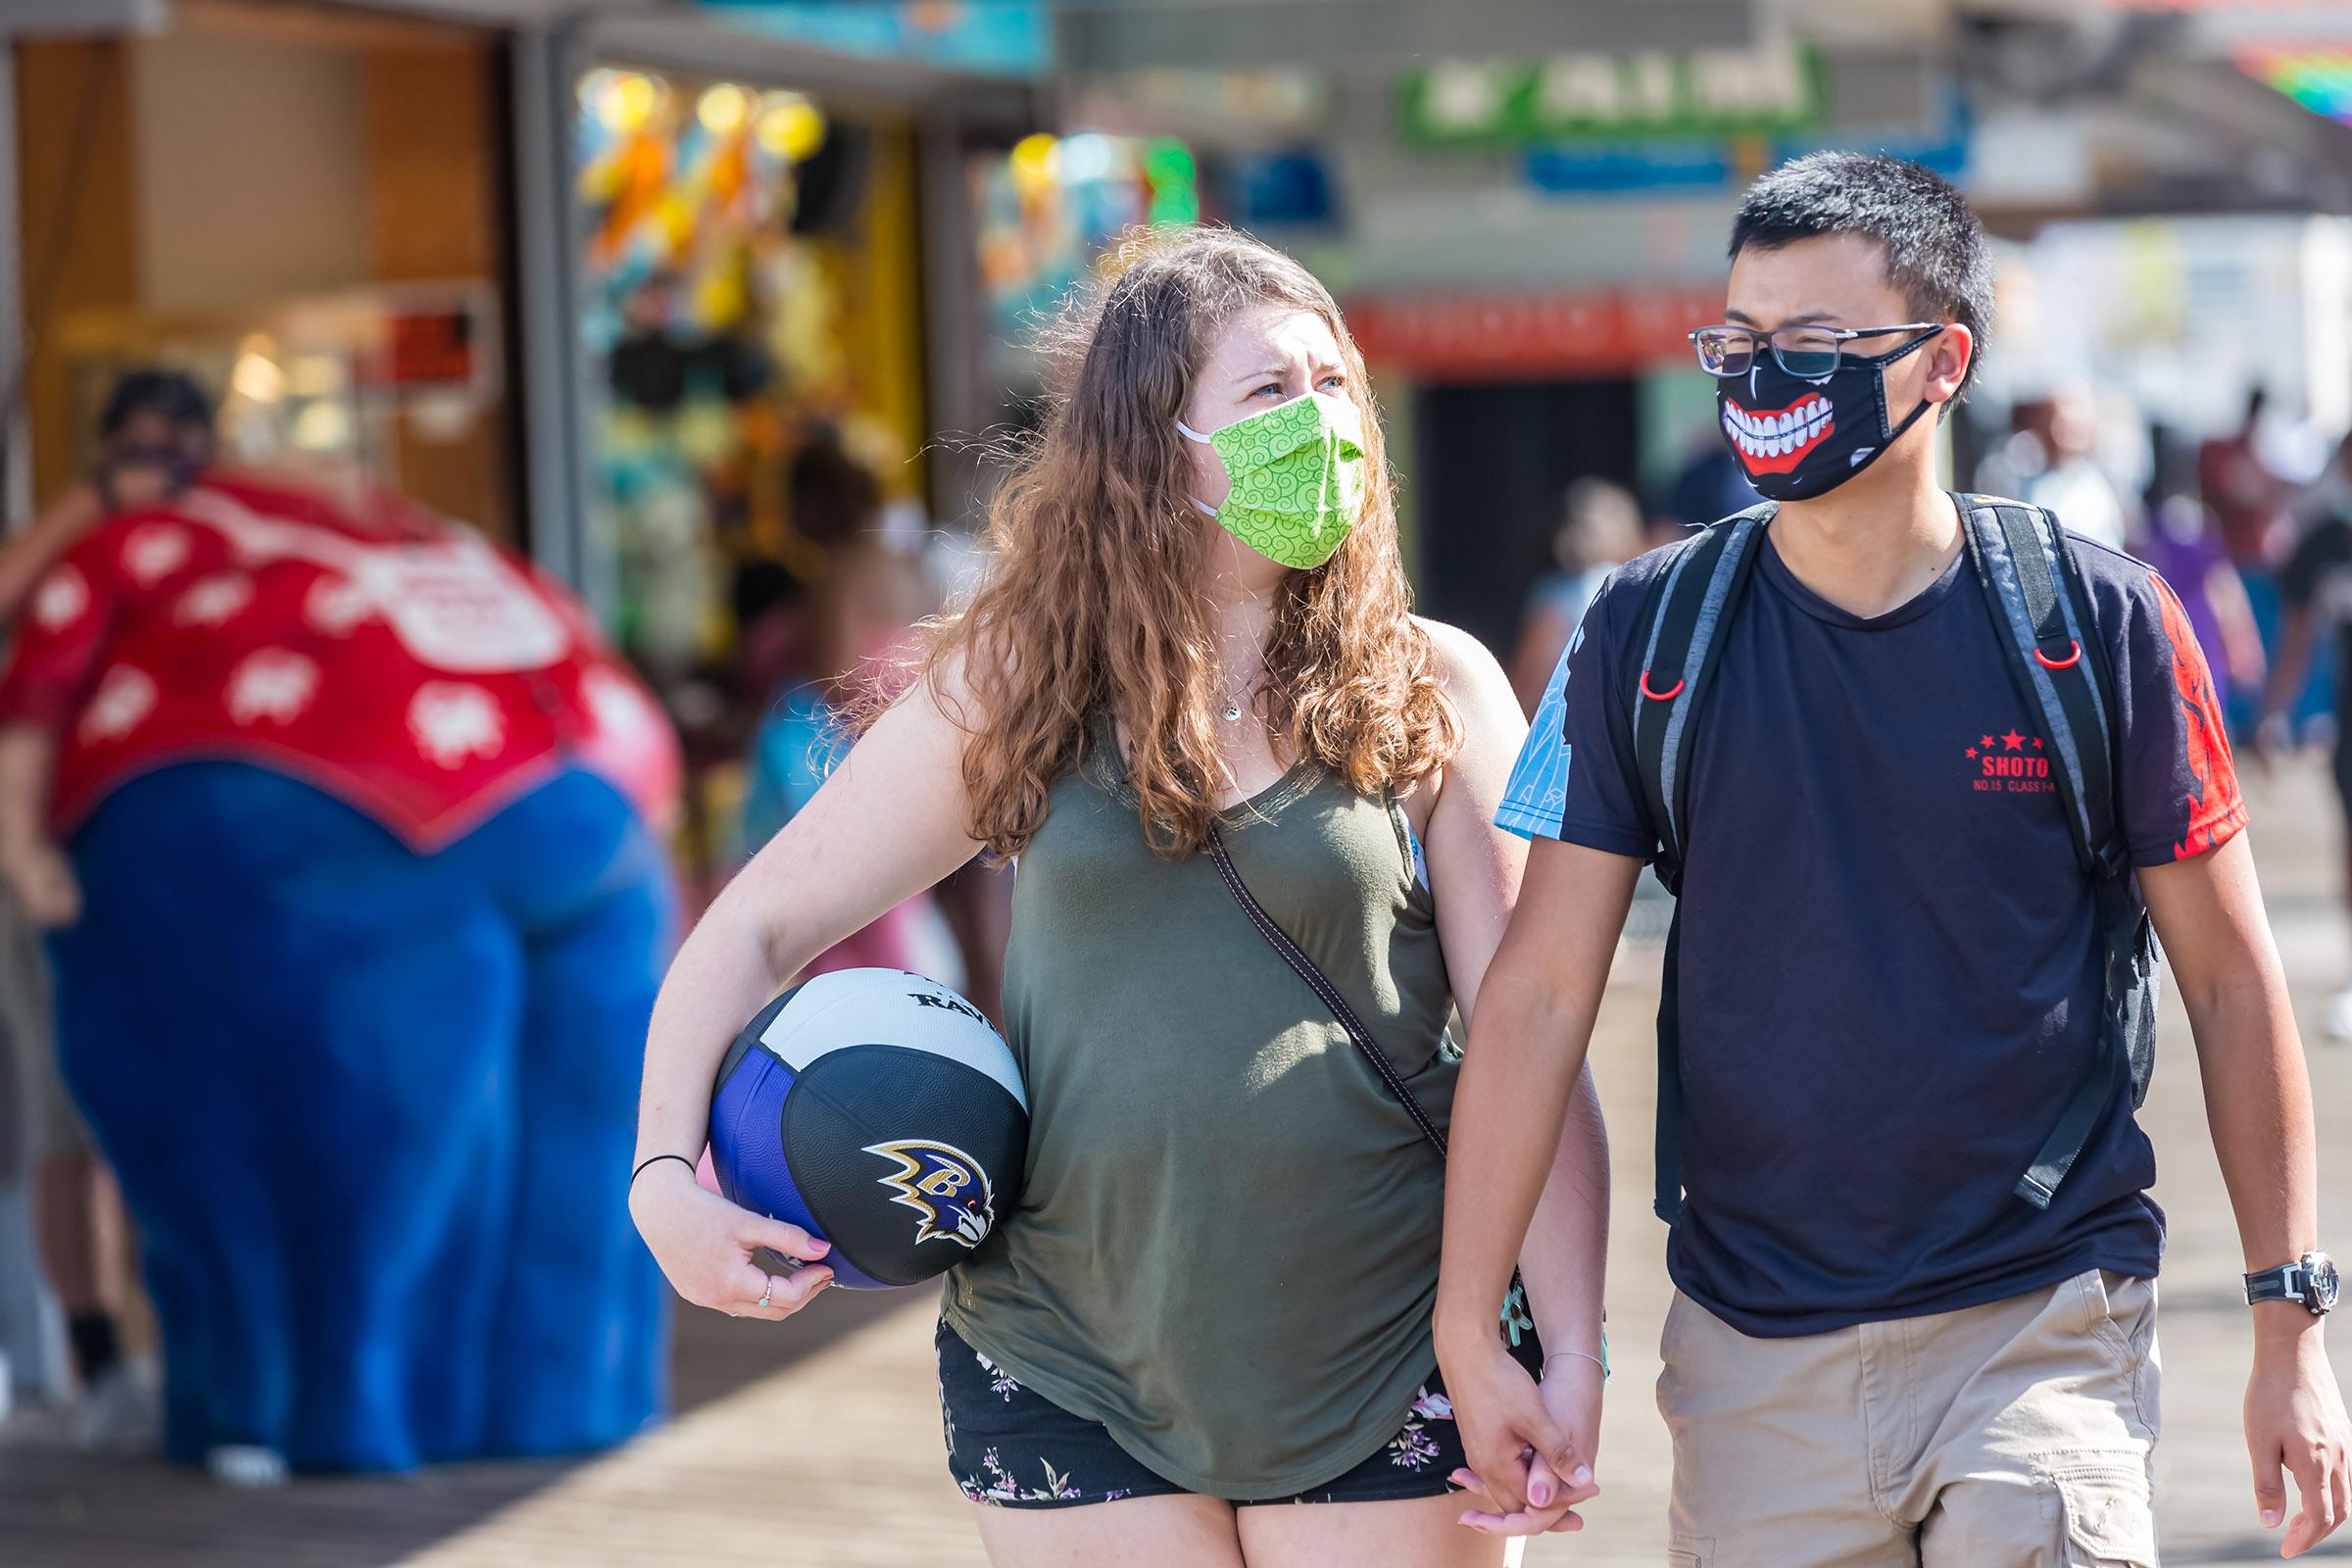 Le maire prolonge la déclaration d'urgence du masque de promenade